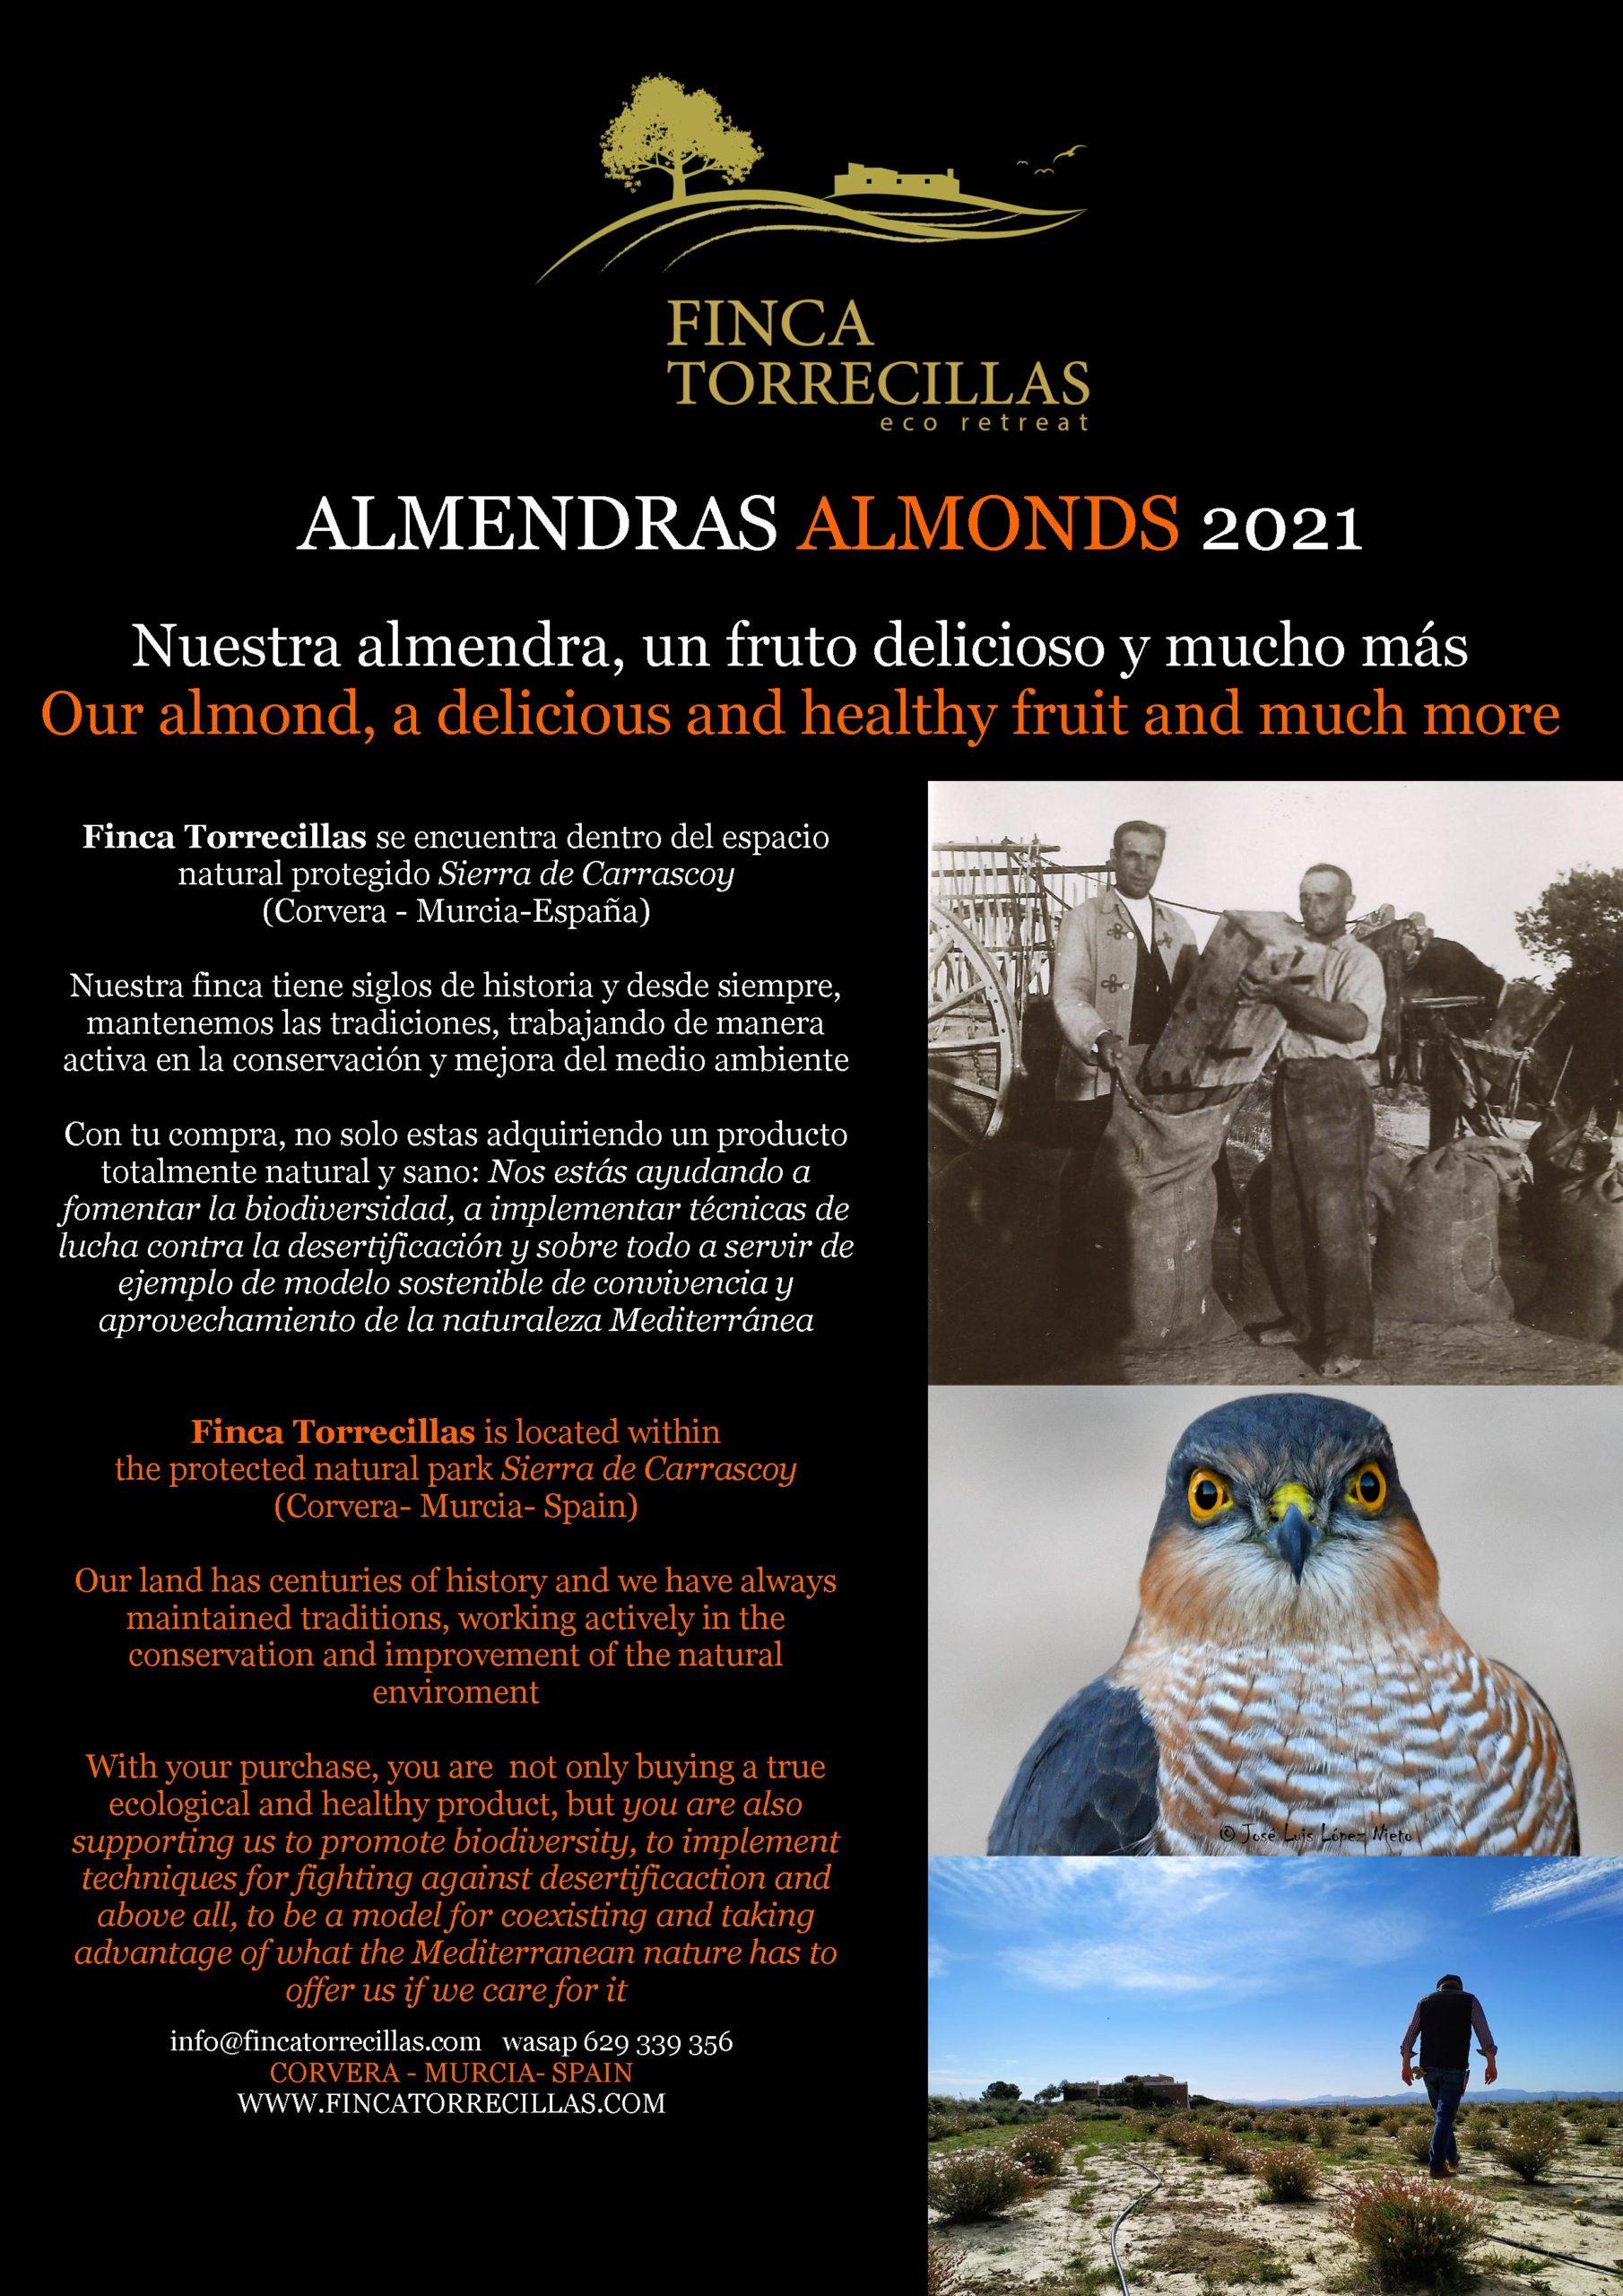 LAS MEJORES ALMENDRAS DEL MEDITERRÁNEO